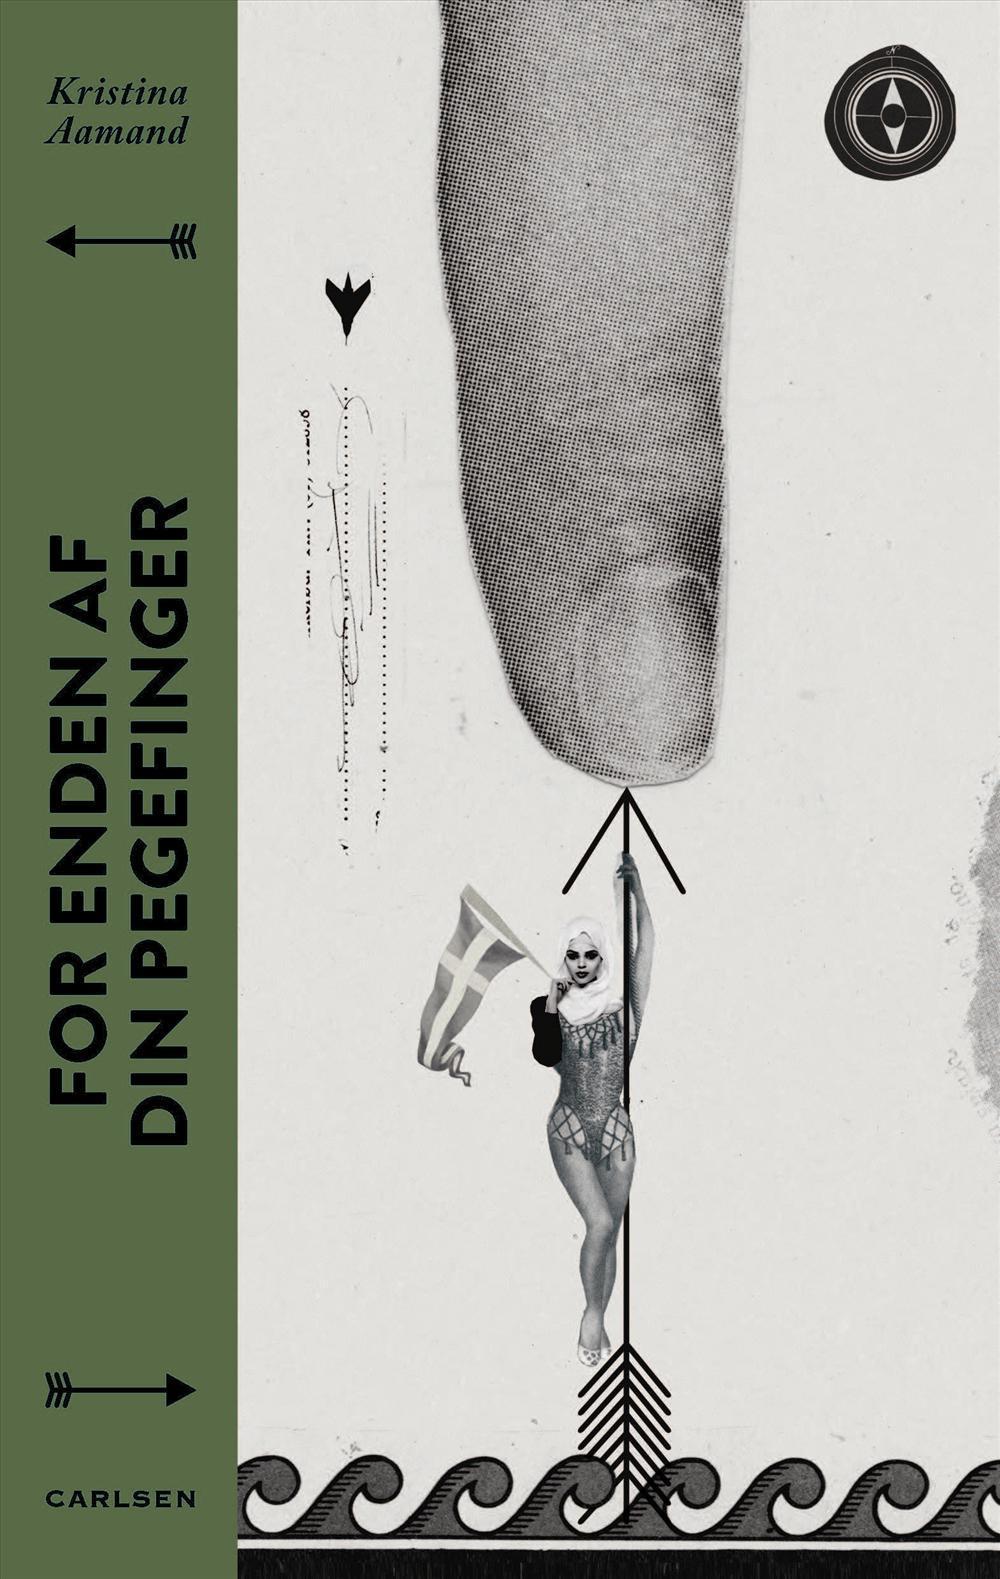 For enden af din pegefinger - Kristina Aamand - Bøger - Carlsen - 9788711541227 - 12/11-2016